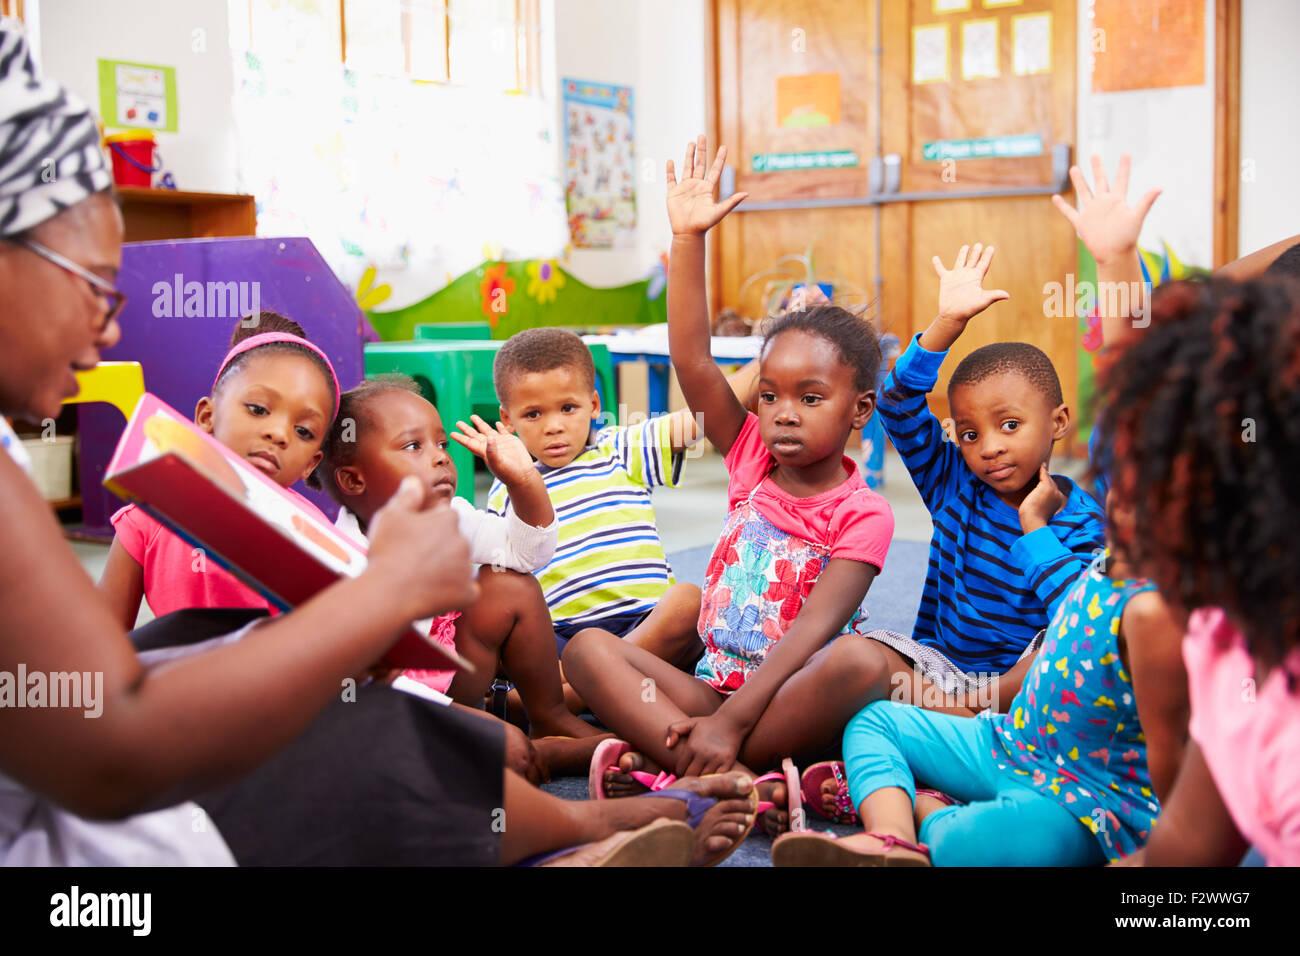 Class of preschool children raising hands to answer teacher - Stock Image